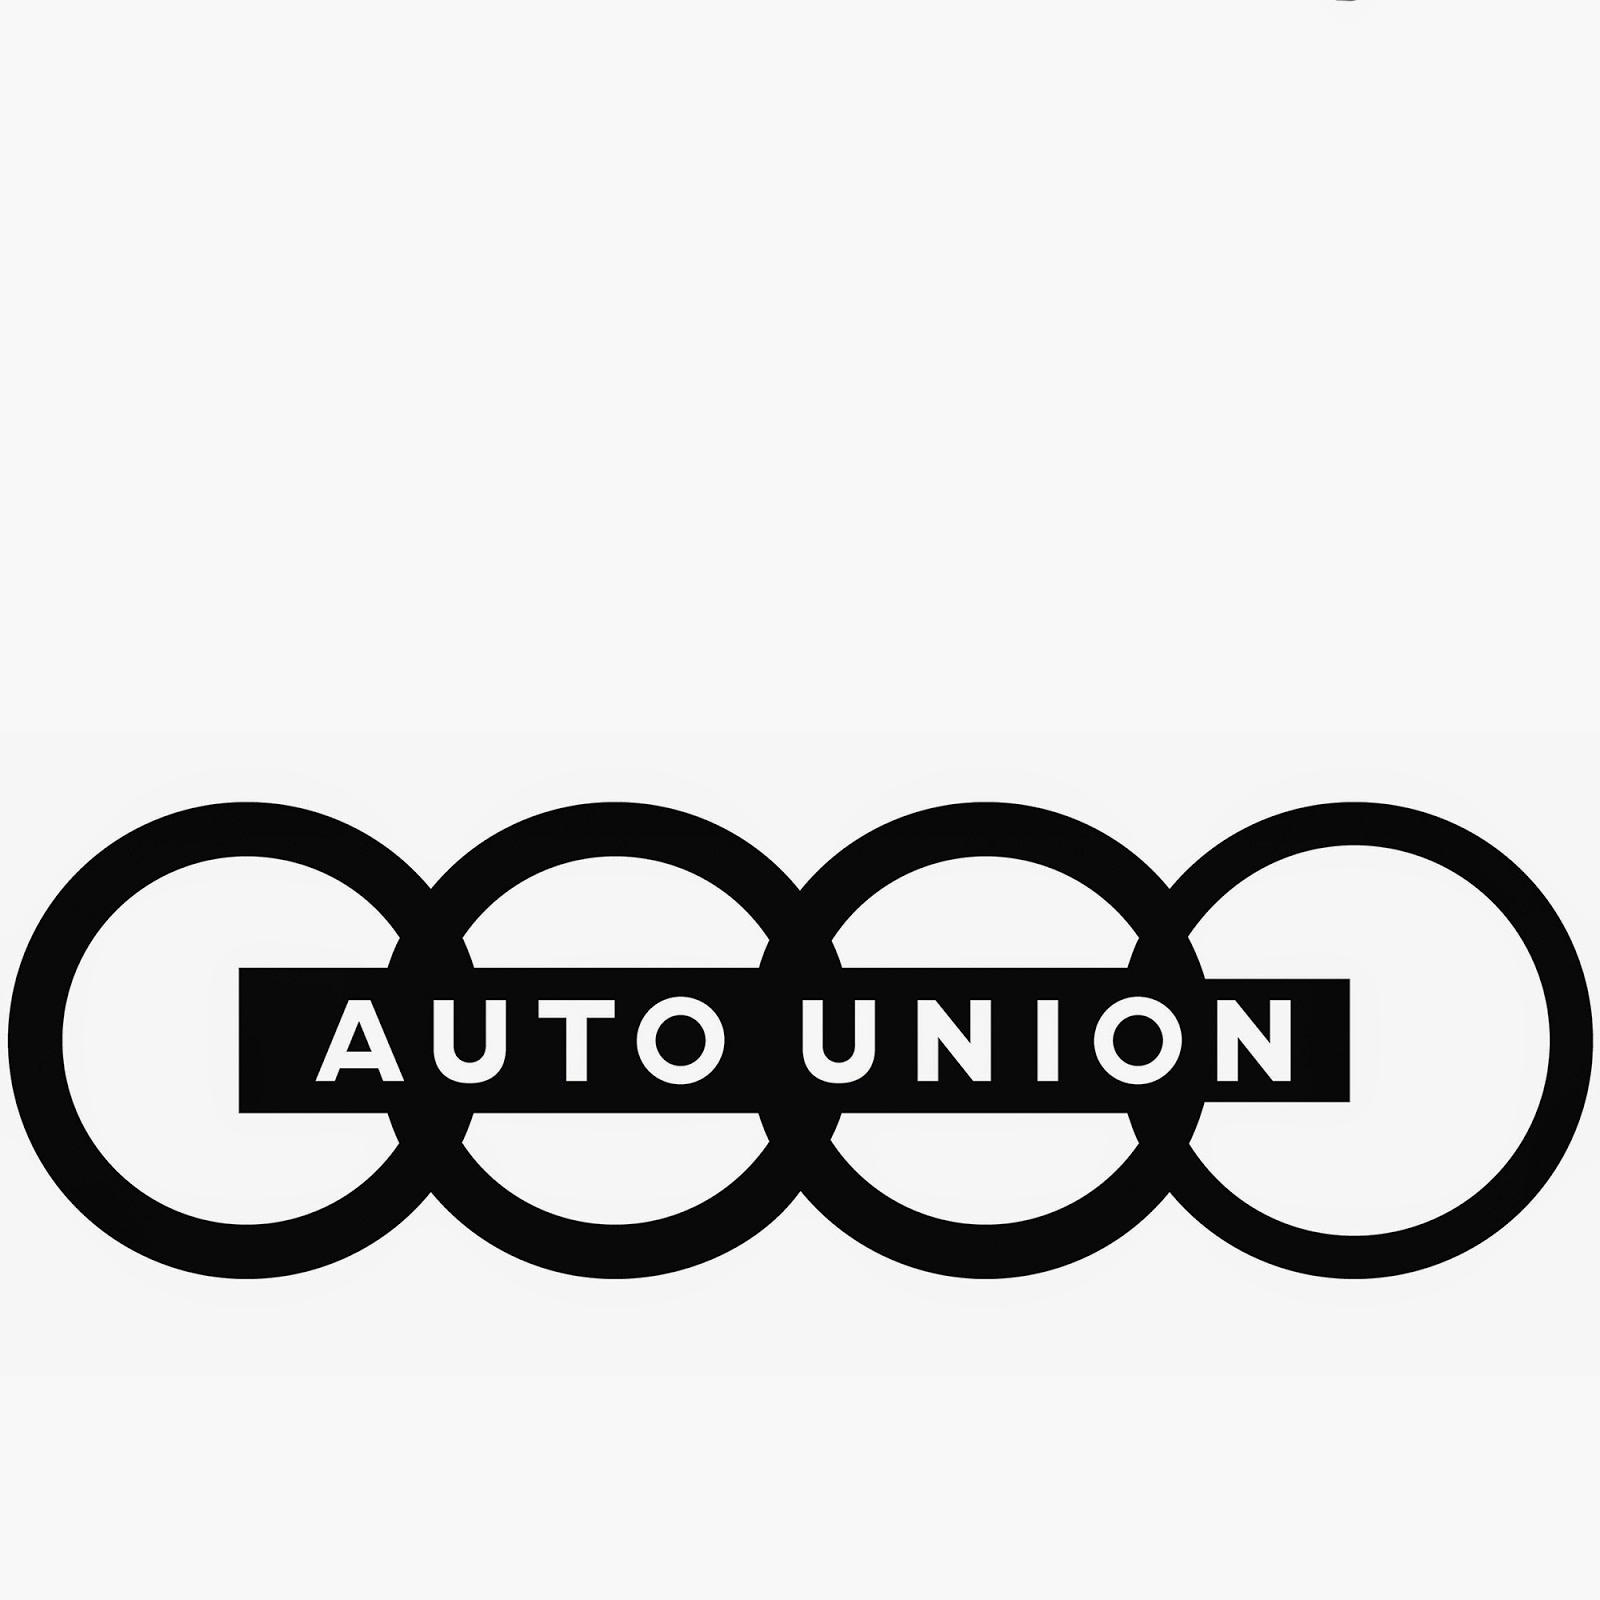 Automotive Database Auto Union